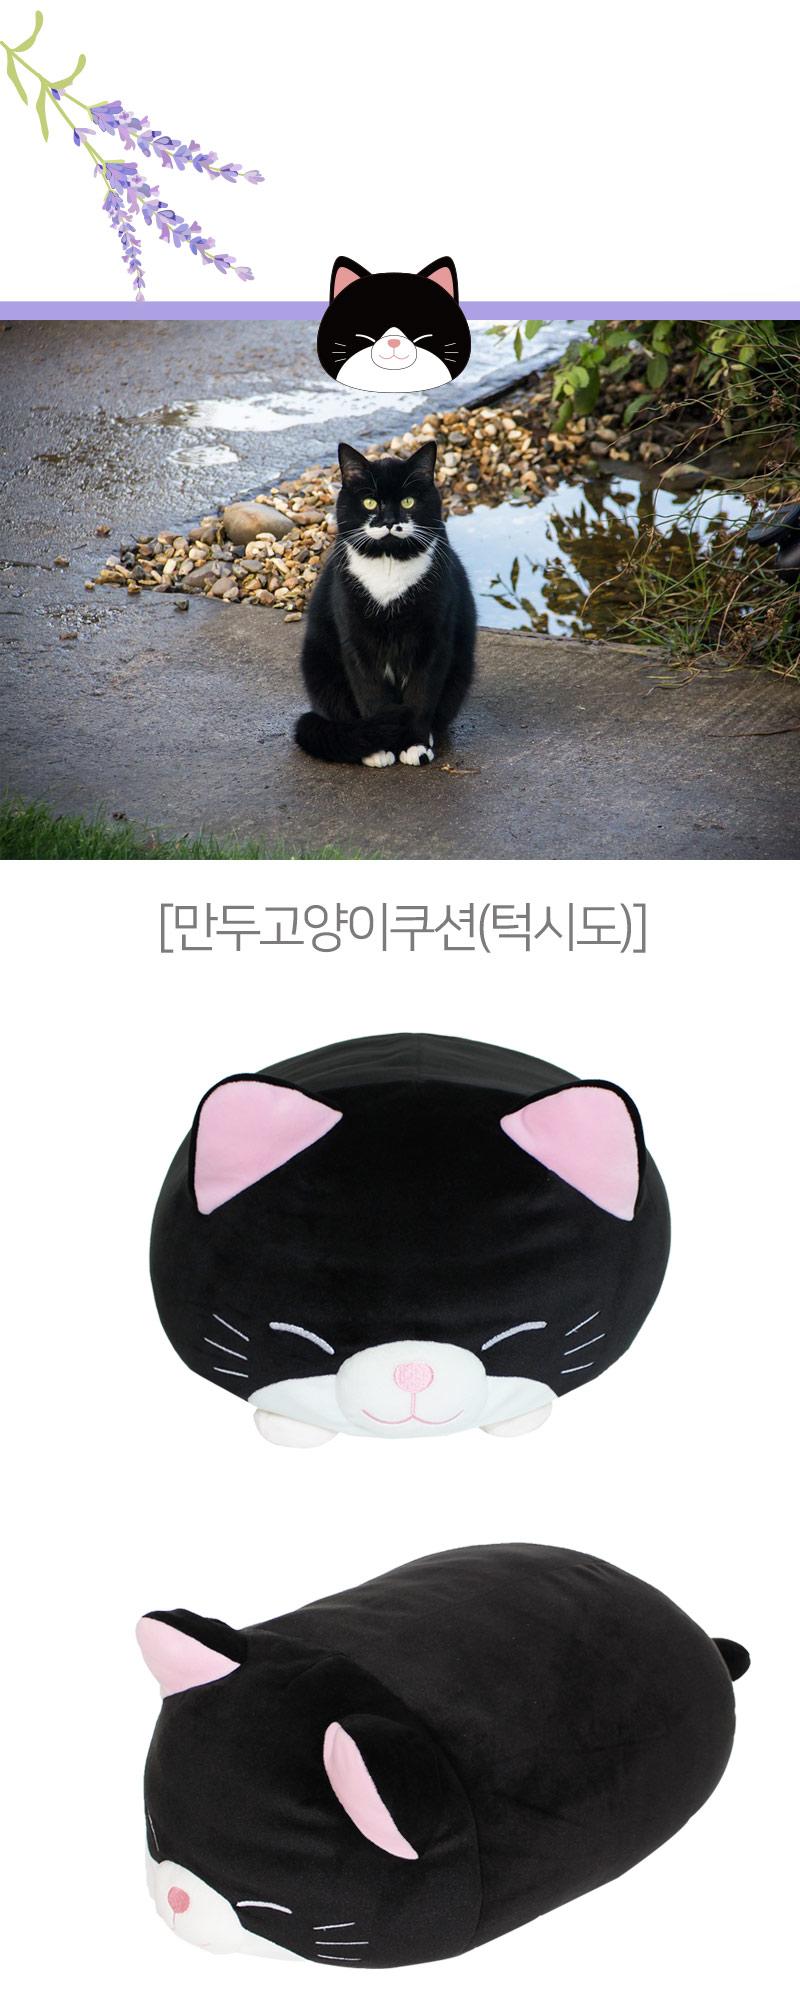 모찌모찌 만두 고양이 쿠션 인형 45CM 5종 모음 - (주) 이젠크리에이션, 26,000원, 청소도구, 테이프 크리너